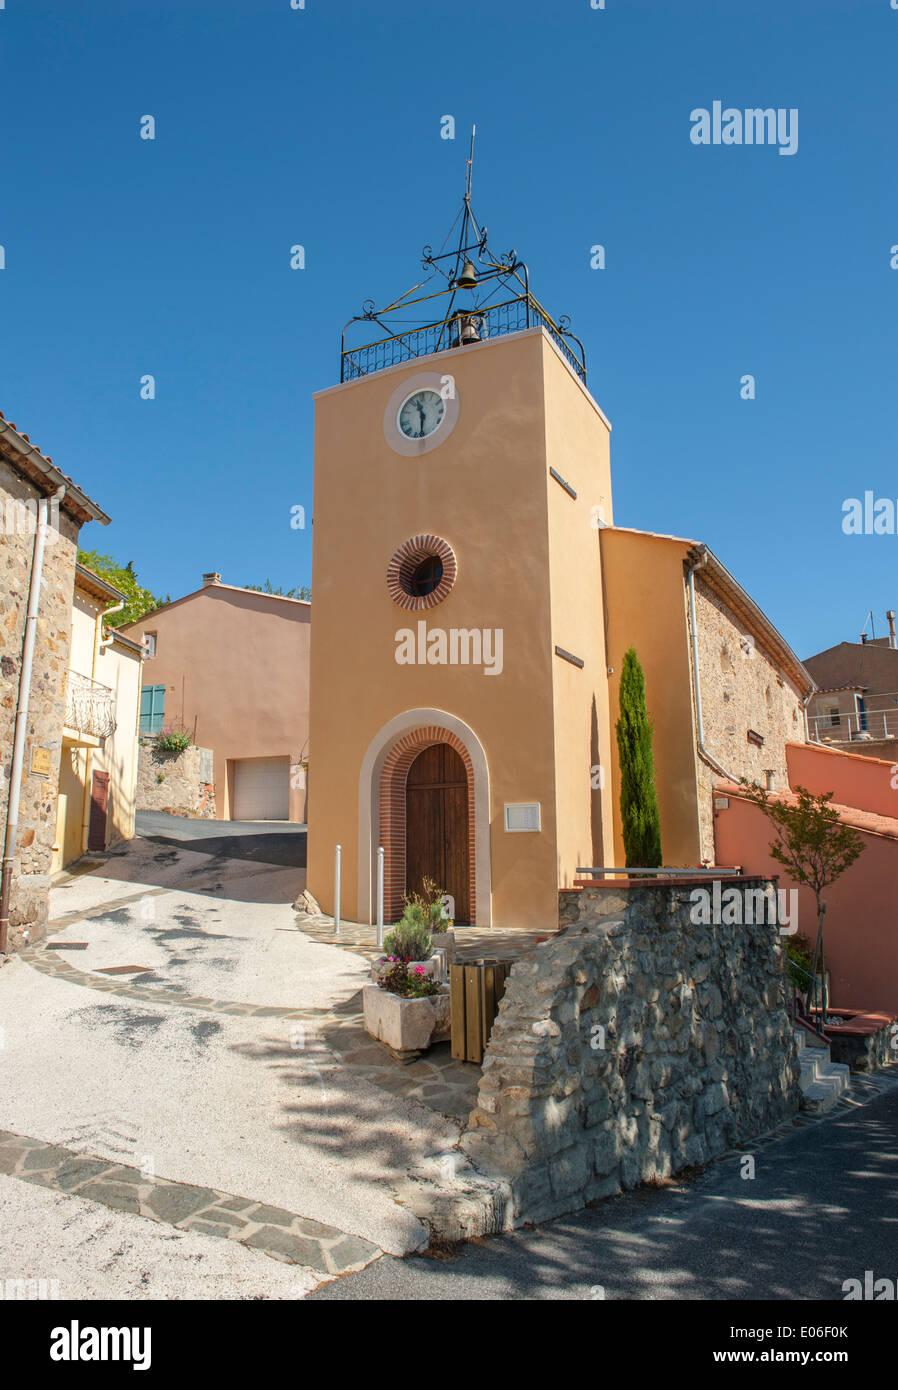 Église Saint-Roch de Lesquerde, une église romane dans le village viticole des Pyrénées de Lesquerde, France Photo Stock